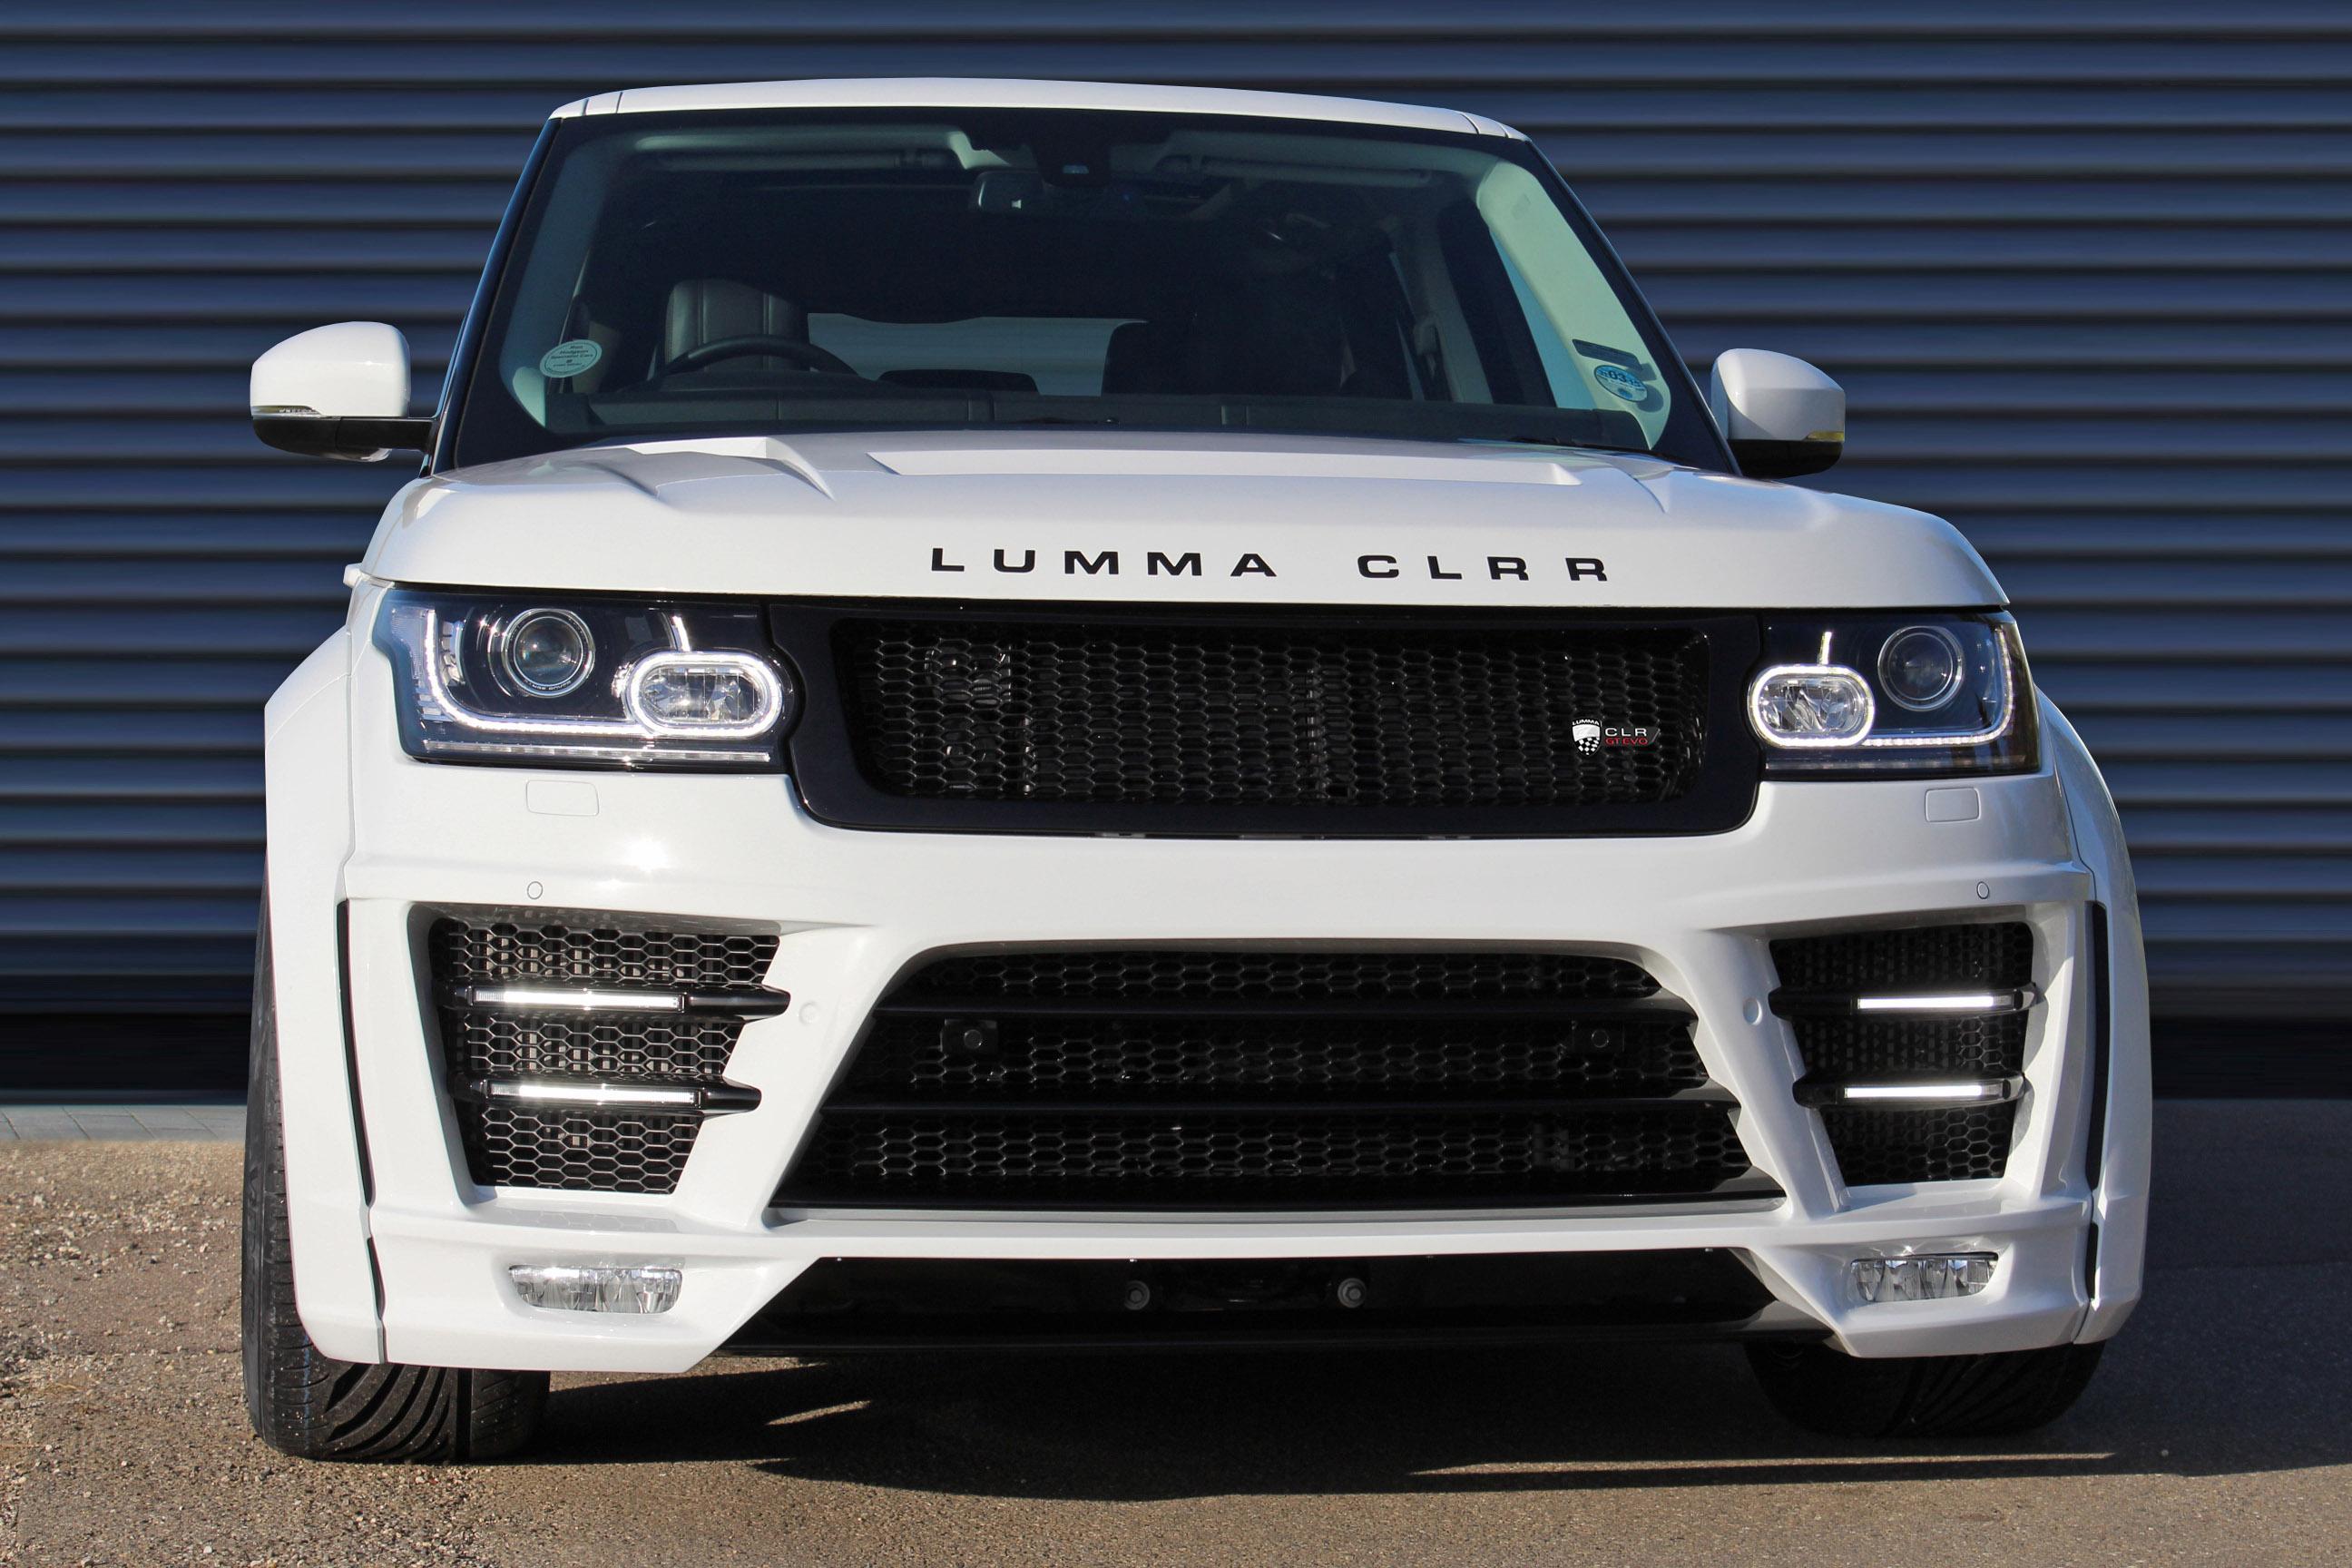 Lumma Design Gt Evo Styling Kit For The Range Rover Clr R